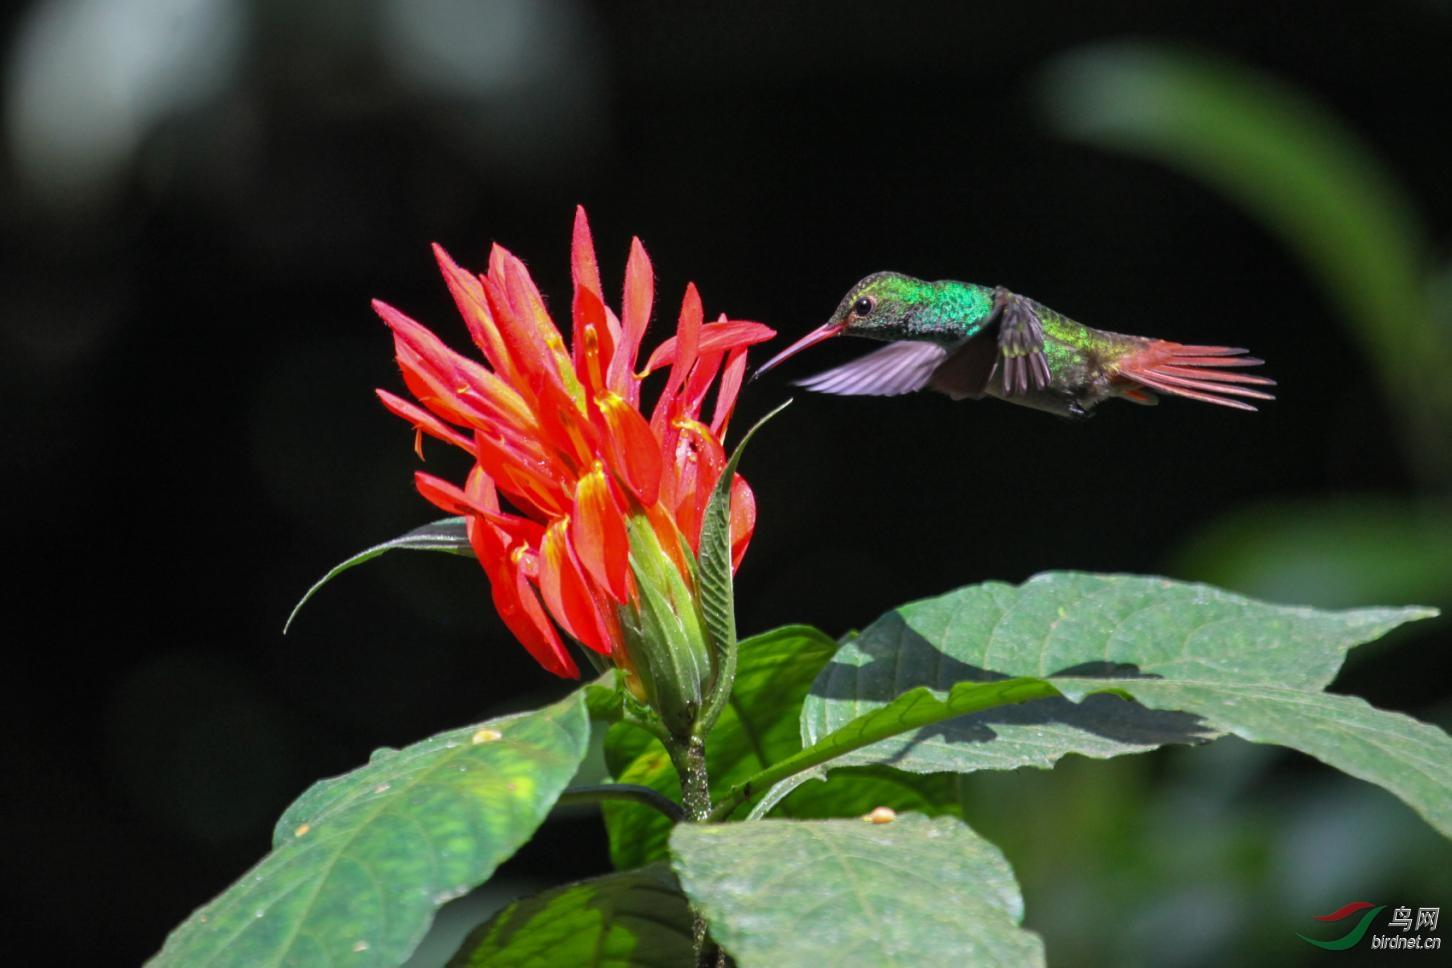 16天哥斯达黎加拍鸟团_页面_42_图像_0001.jpg